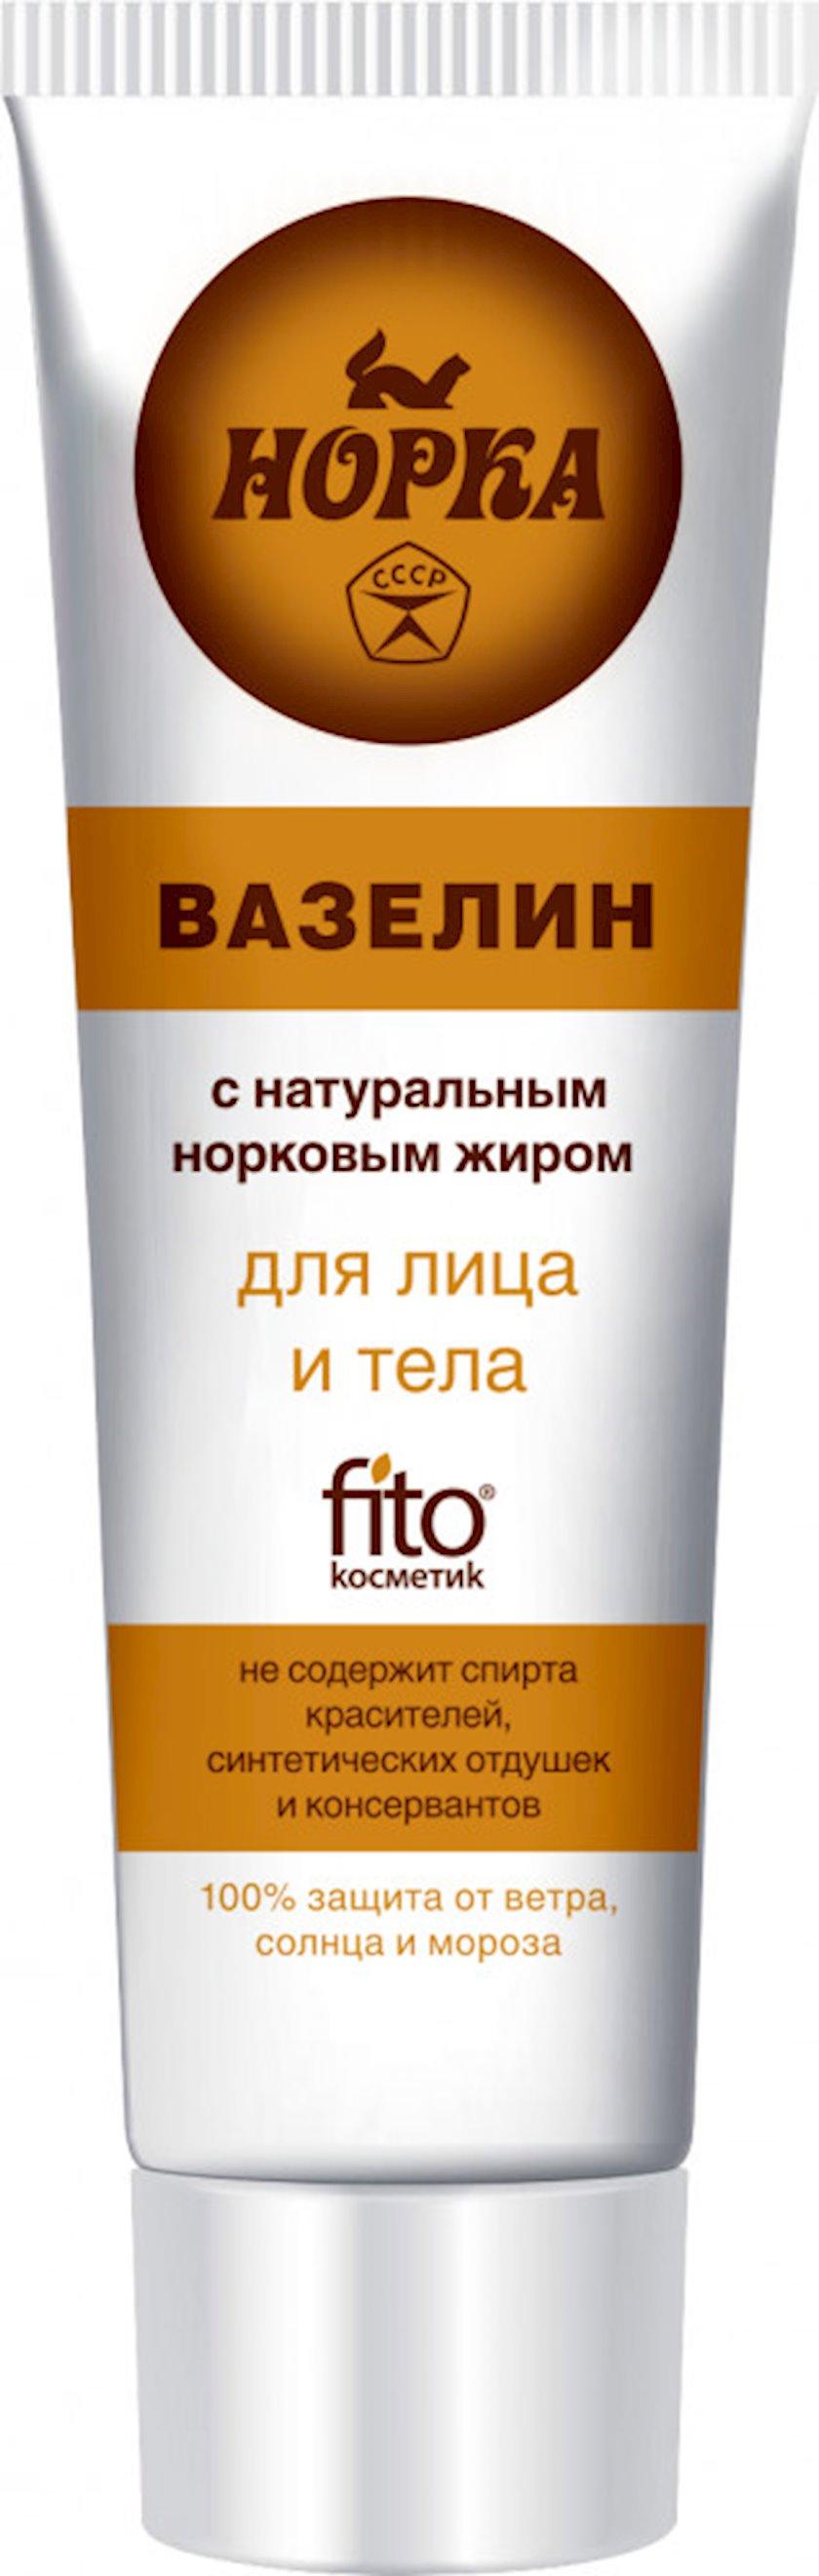 Vazelin-krem üz və bədən üçün Фитокосметик Норка su samuru yağı ilə 45 ml